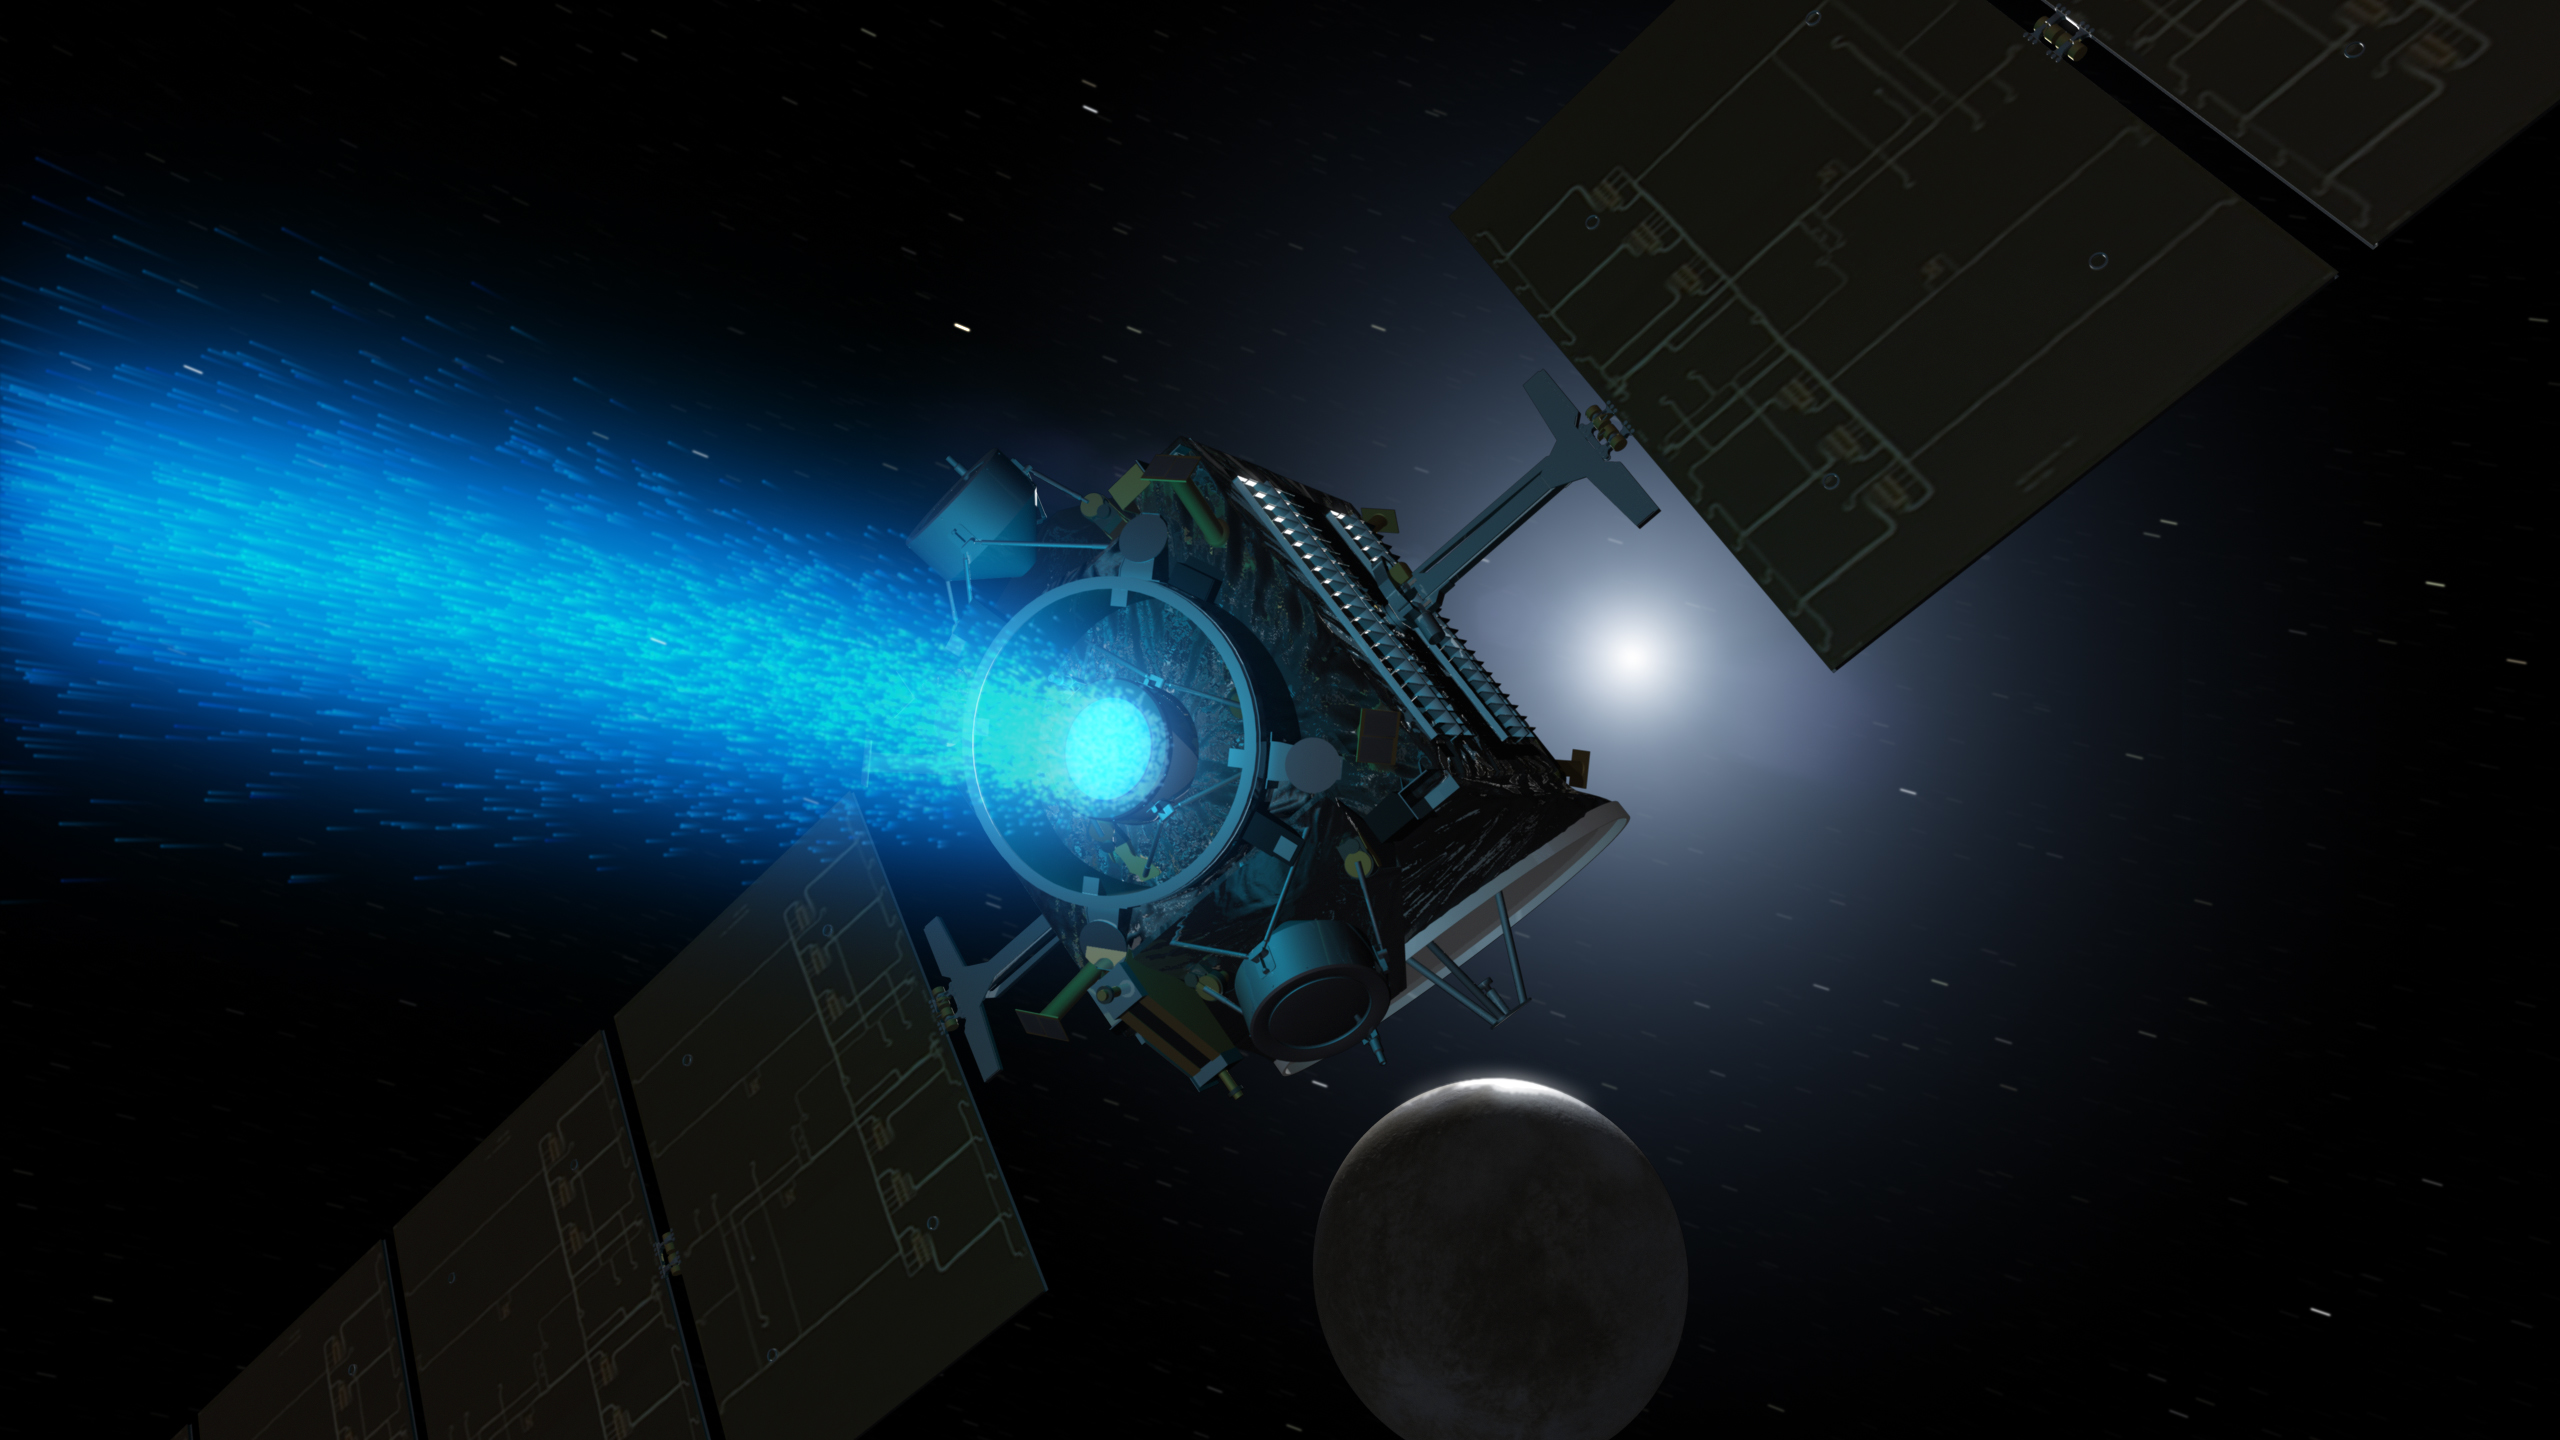 Эти ракетные технологии будущего смогут доставить людей на Марс